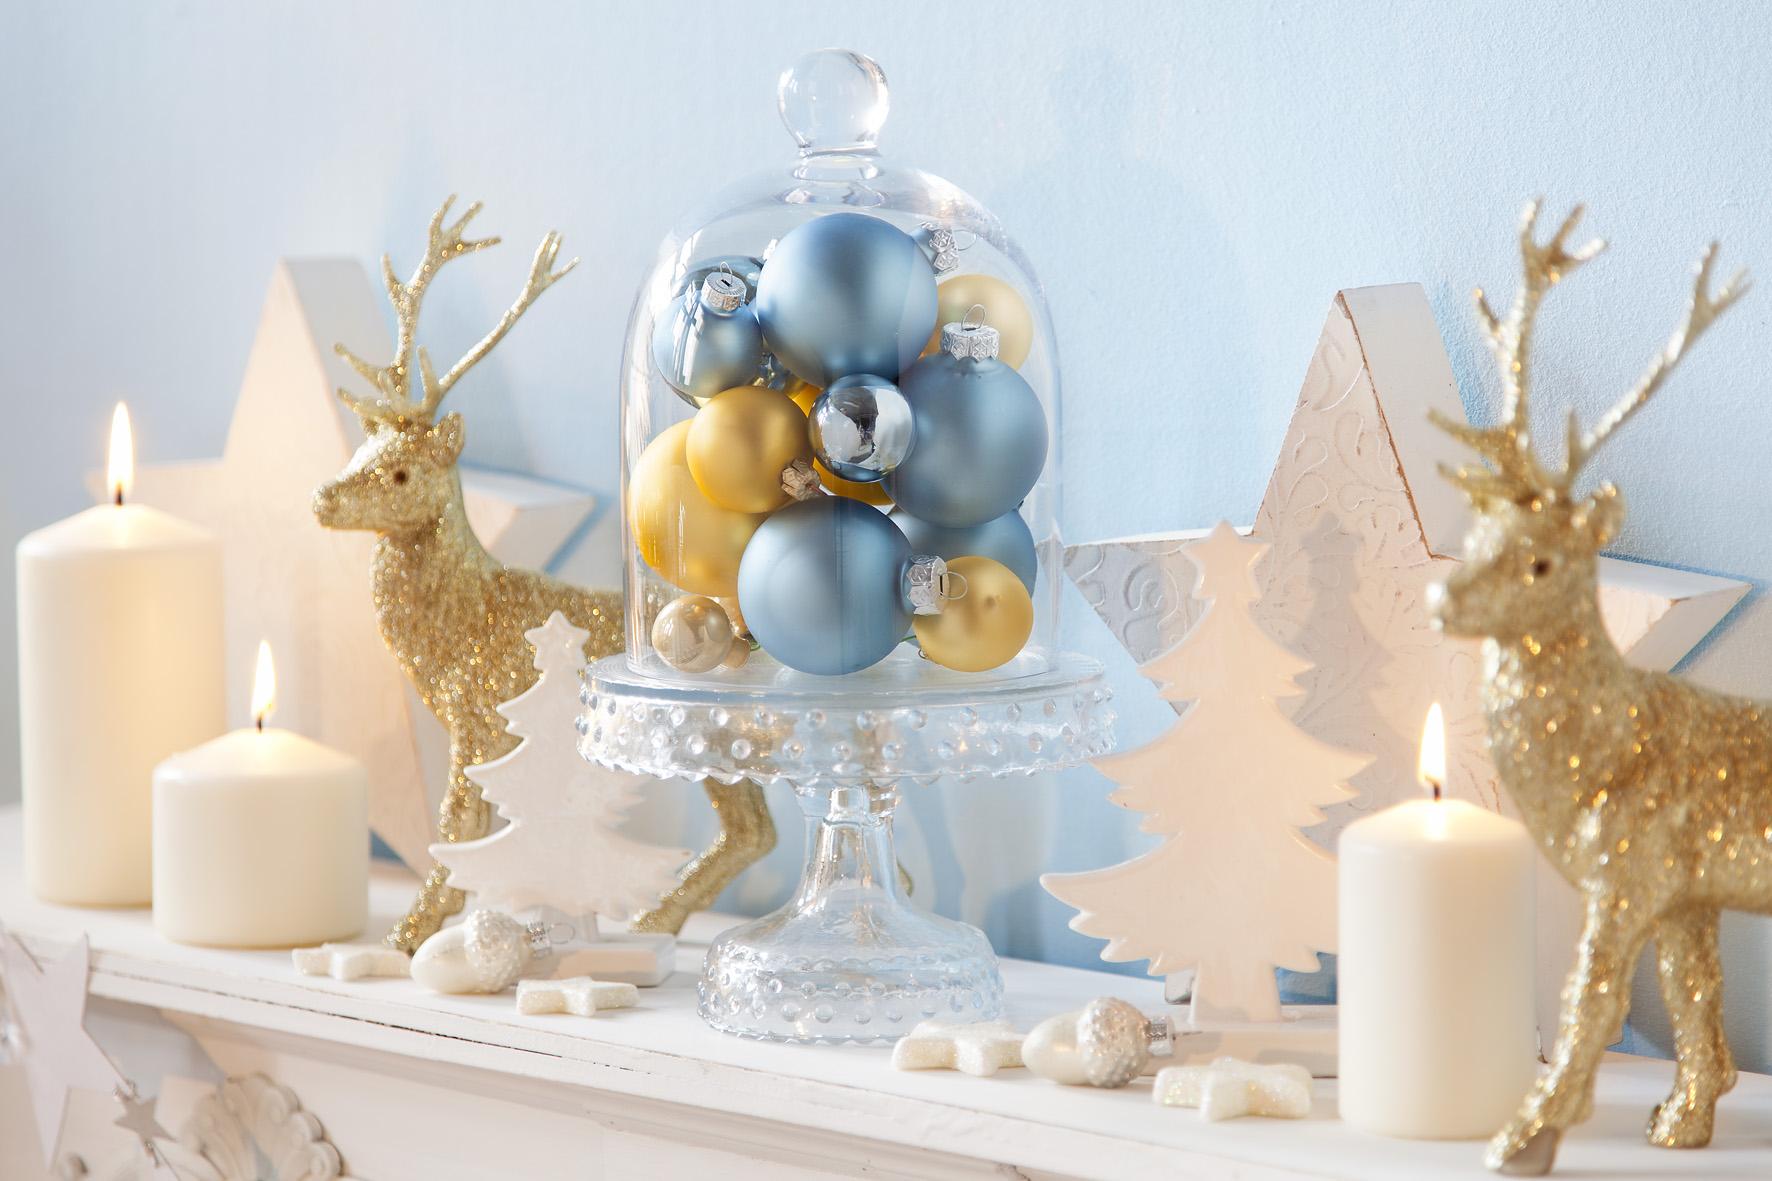 Weihnachtliche Deko auf der Kuchentafel